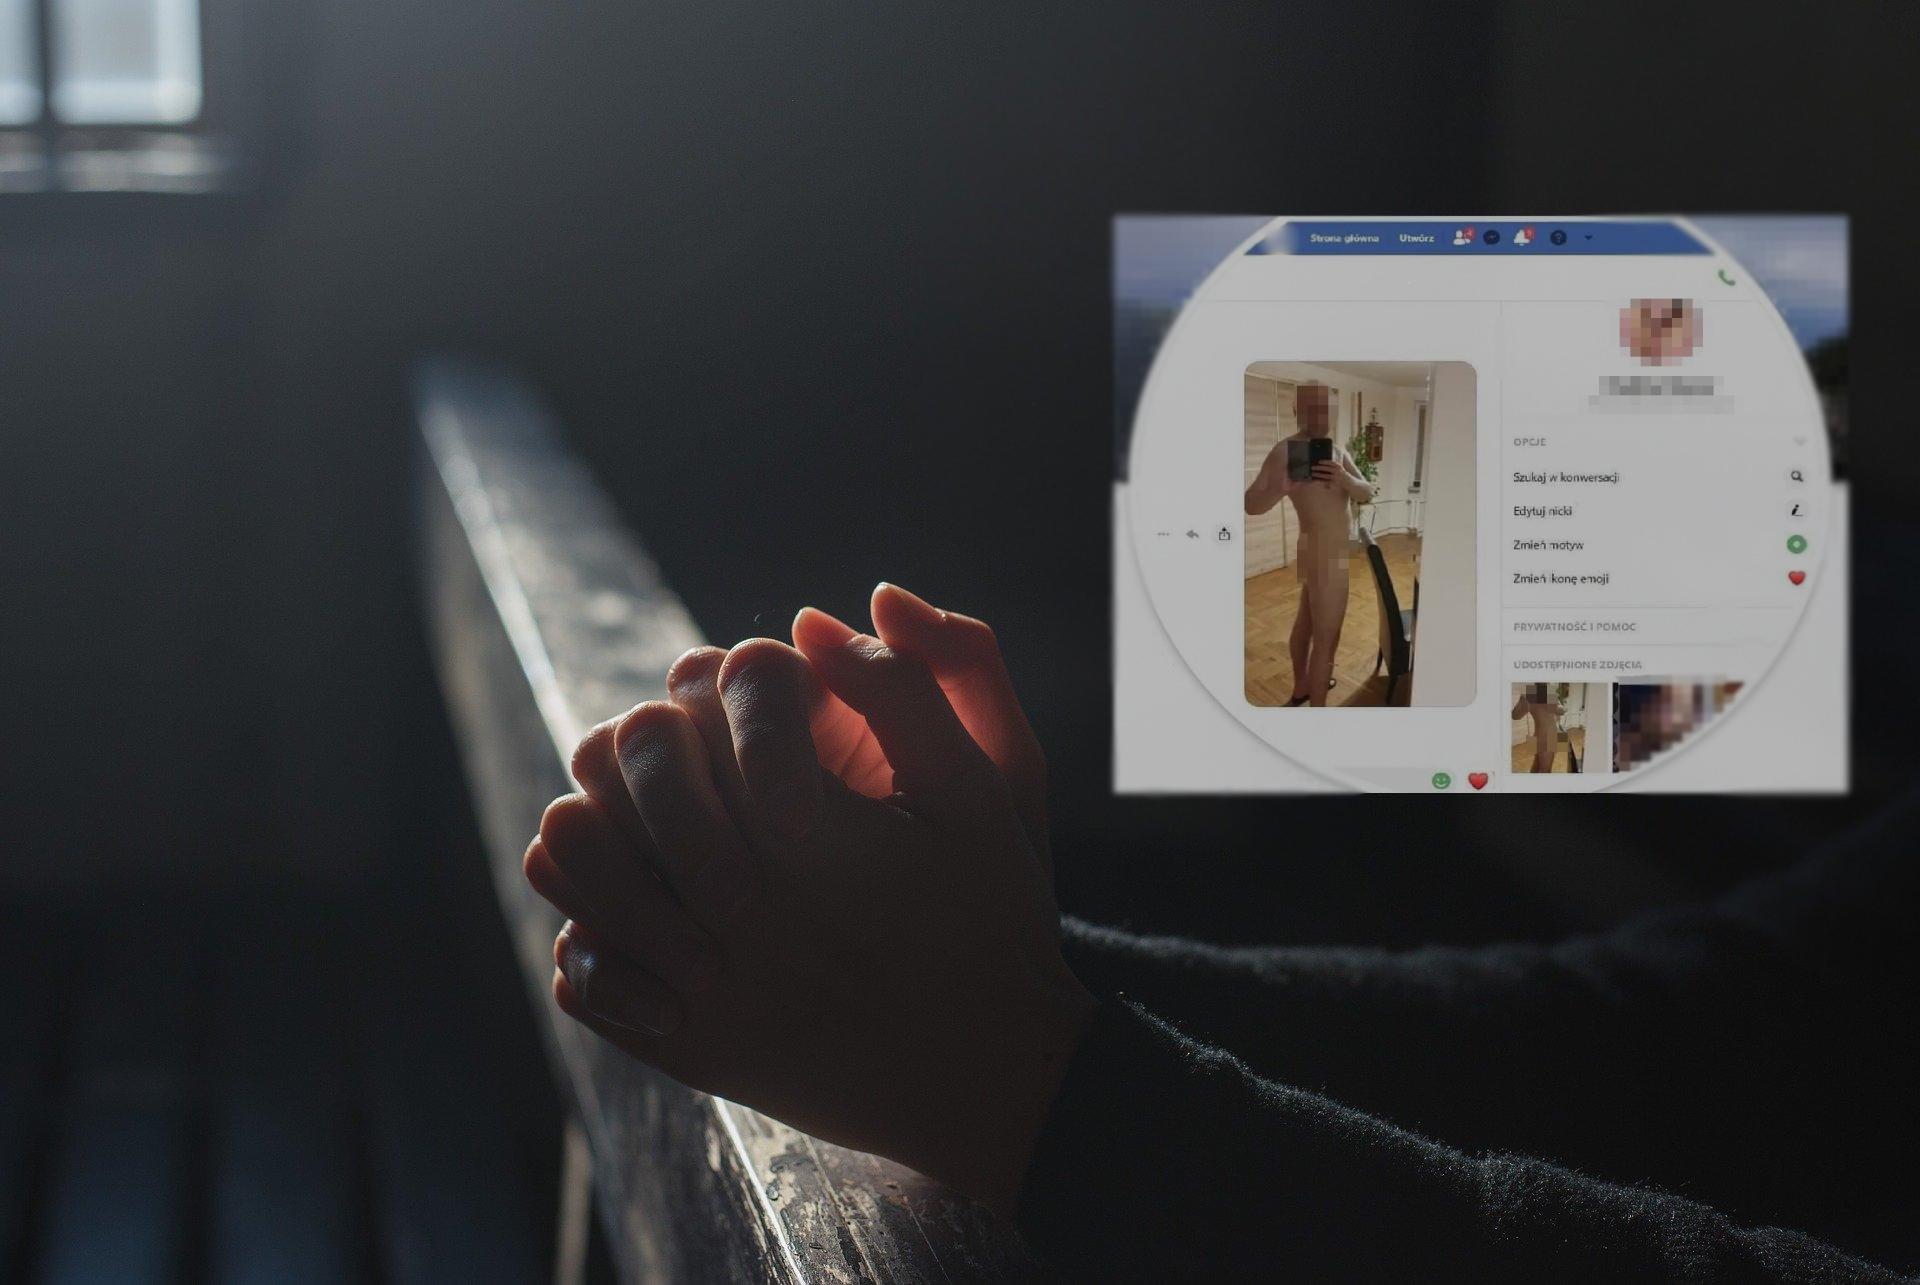 Nagie zdjęcia księdza w Internecie. Kuria przenosi go z parafii w Sanoku do hospicjum w Jarosławiu - Zdjęcie główne